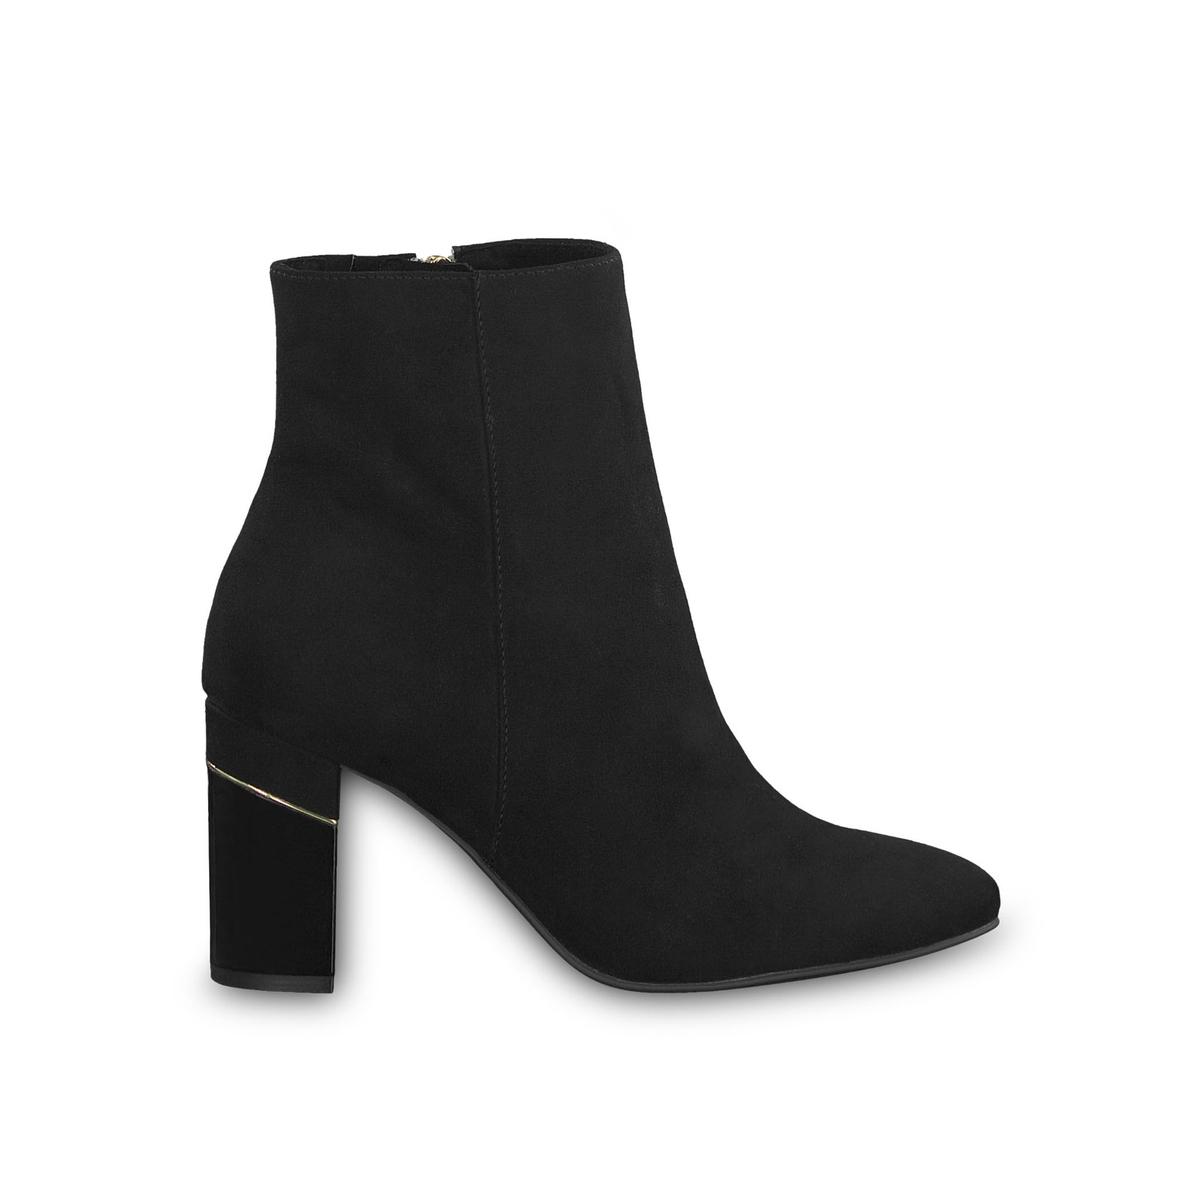 цена Ботильоны La Redoute На каблуке Francesca 40 черный онлайн в 2017 году